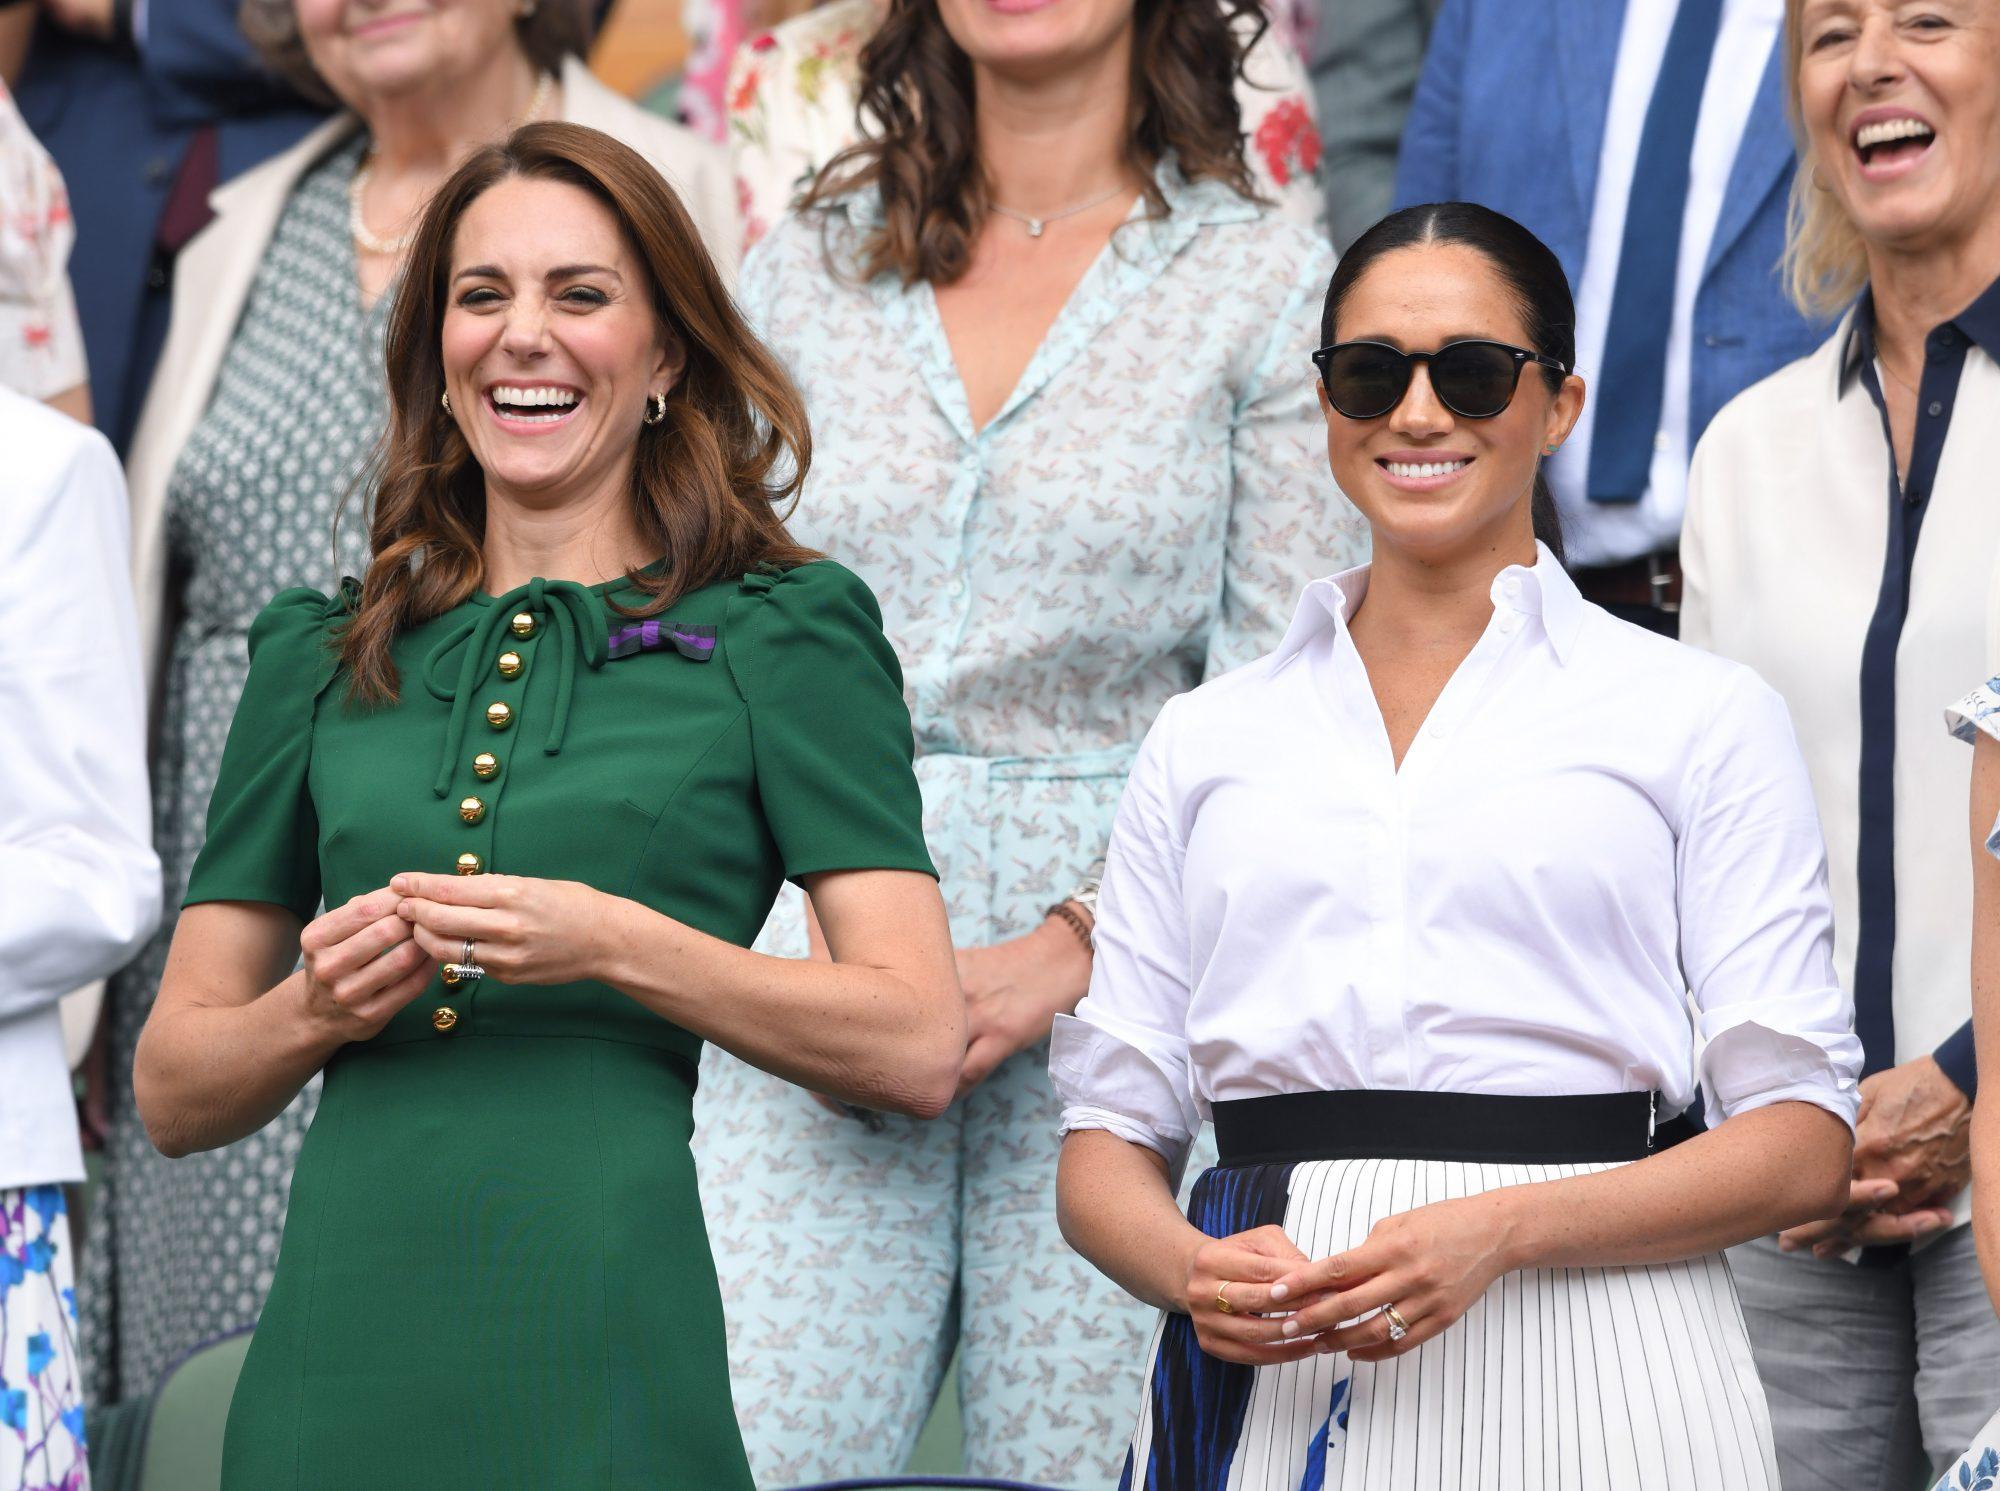 Este es el increíble aceite facial que usan Meghan Markle y Kate Middleton